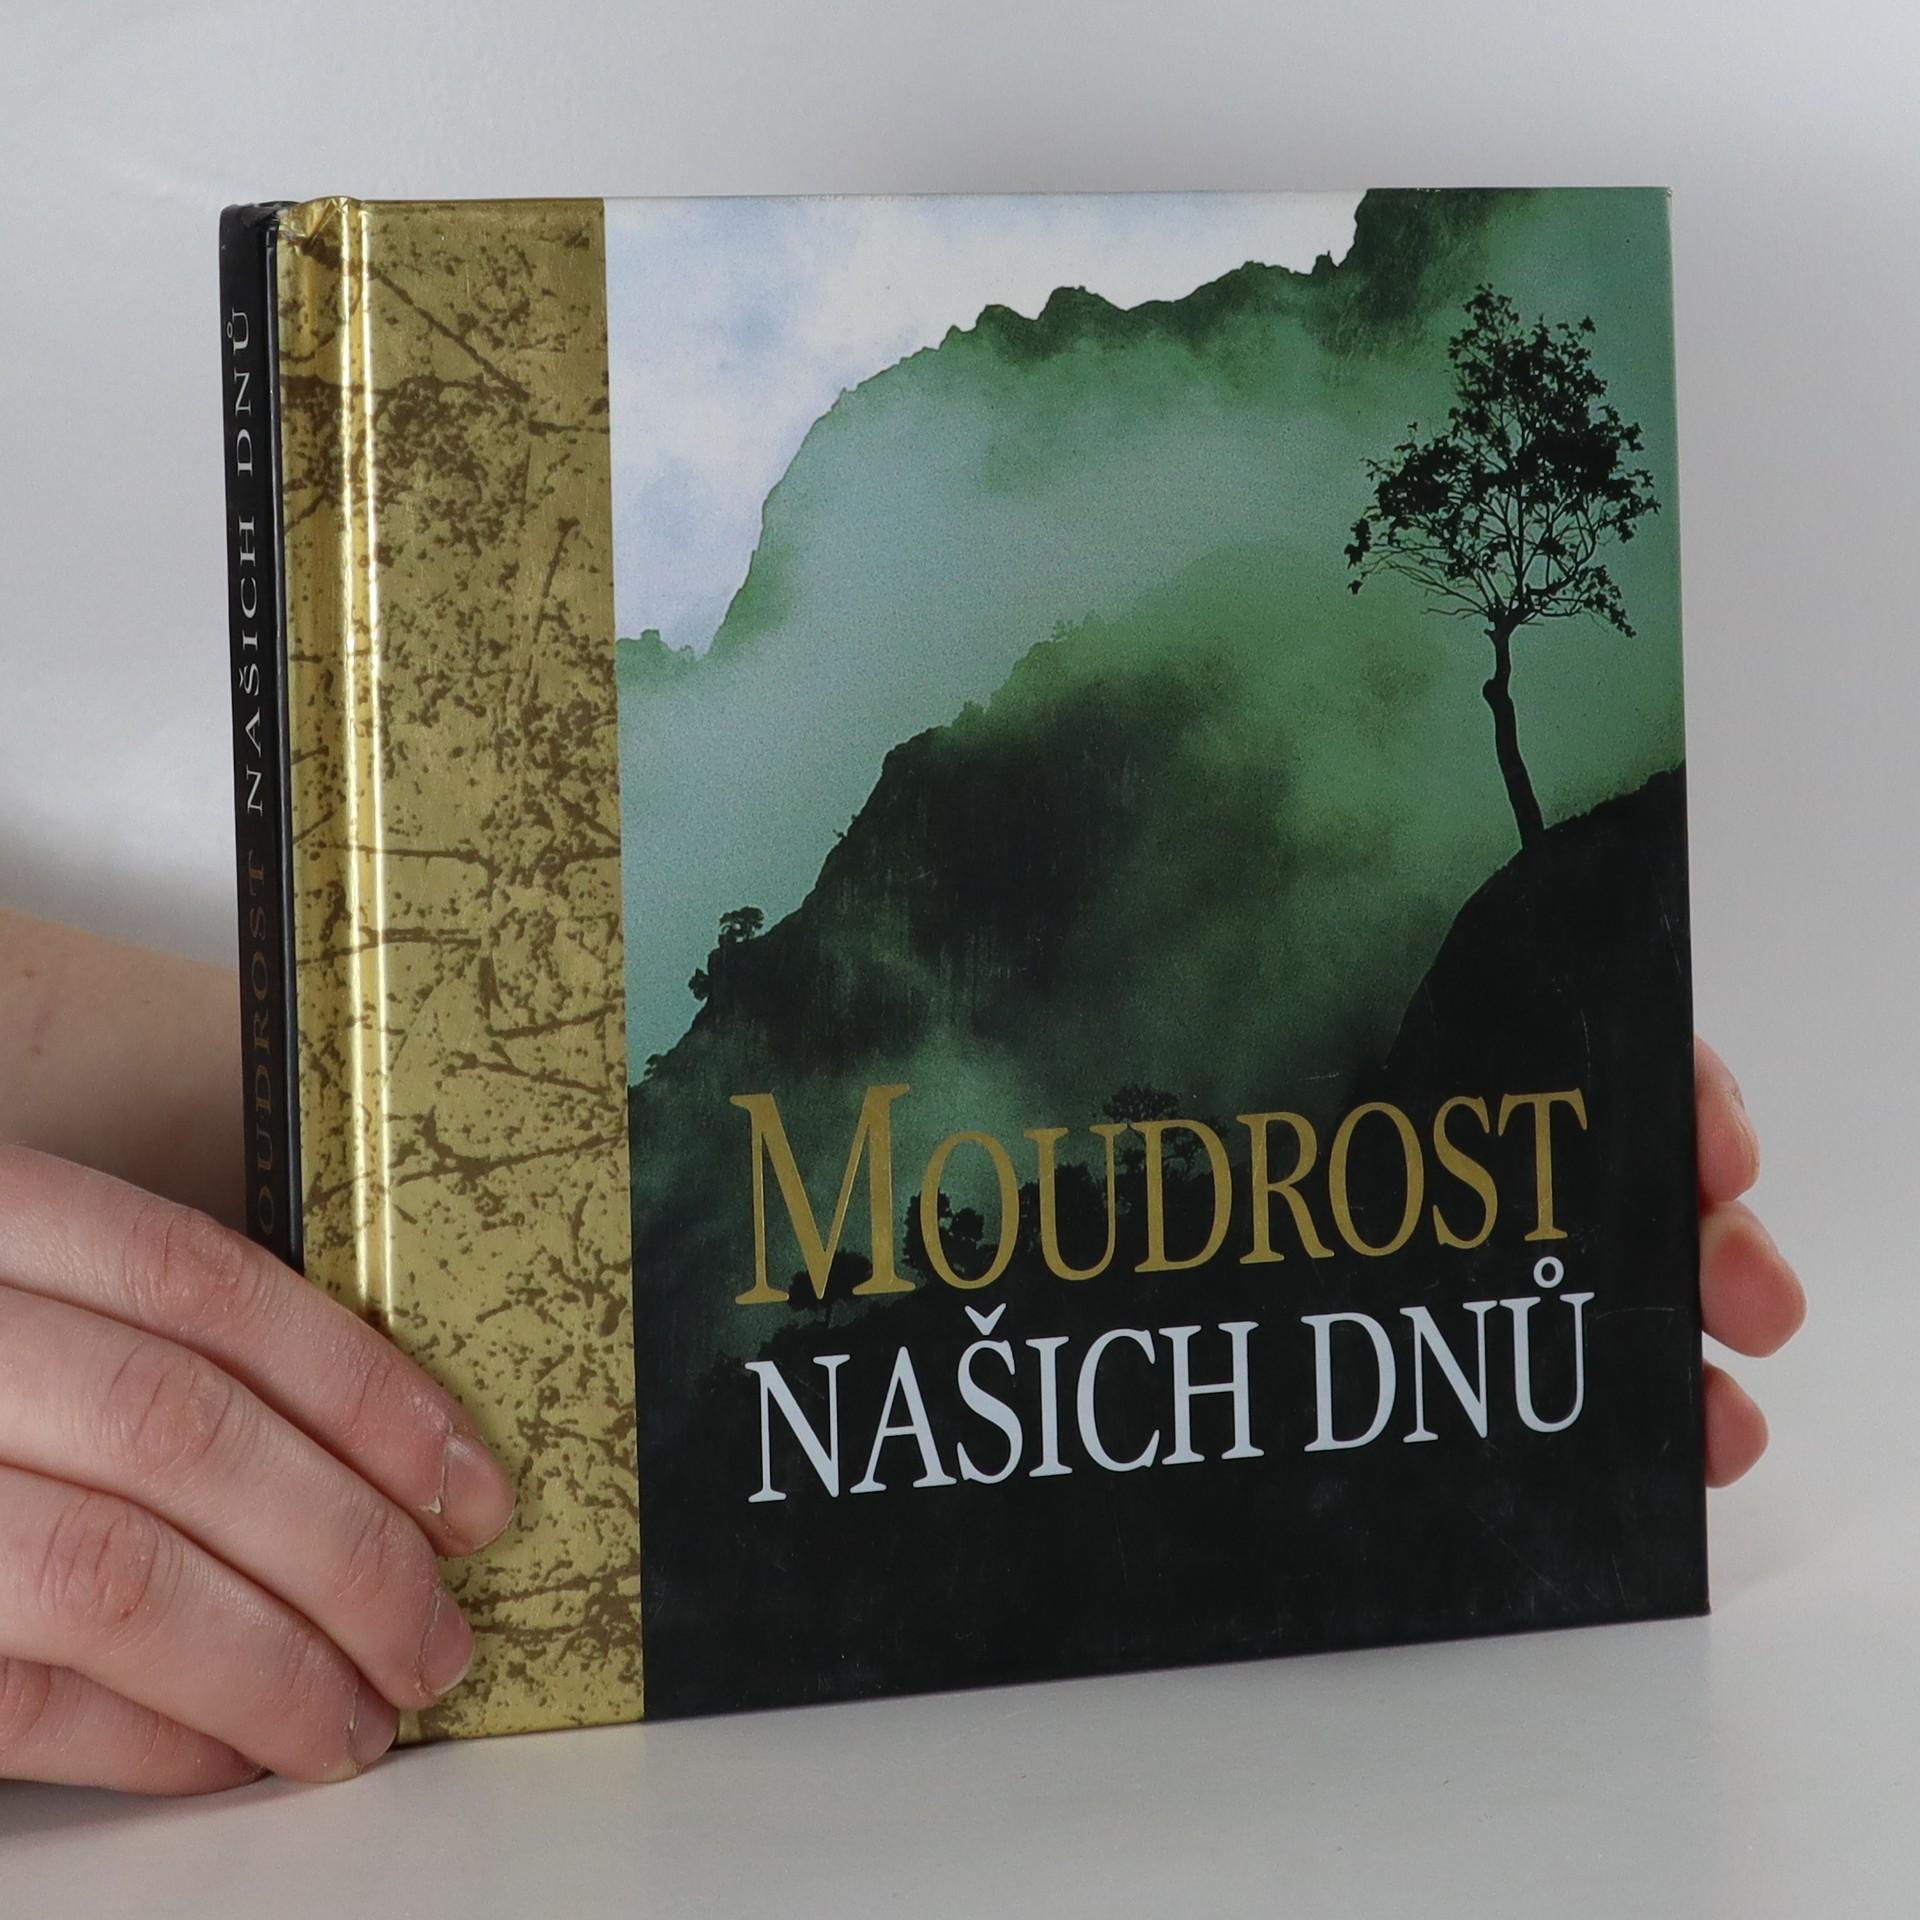 antikvární kniha Moudrost našich dnů, 2010